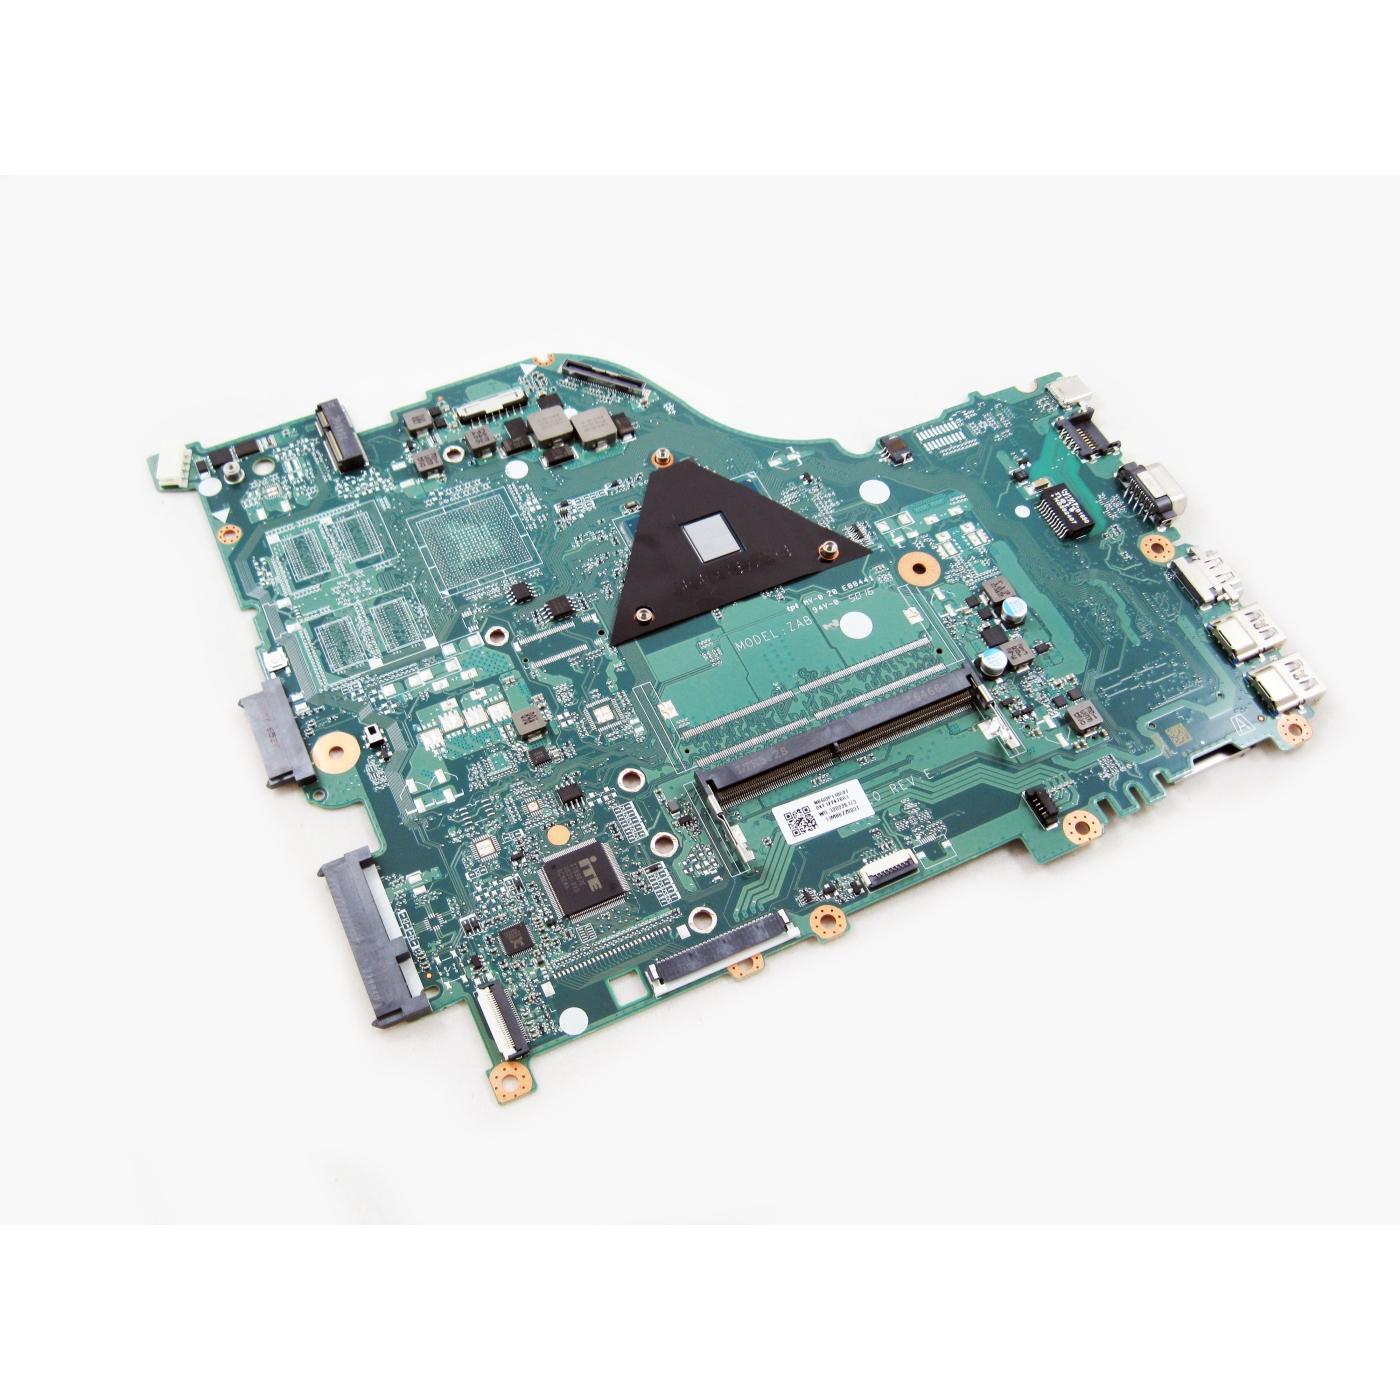 Acer NB.GDP11.002 Aspire E5-523 A6-M9210 4GB Uma Notebook Motherboard